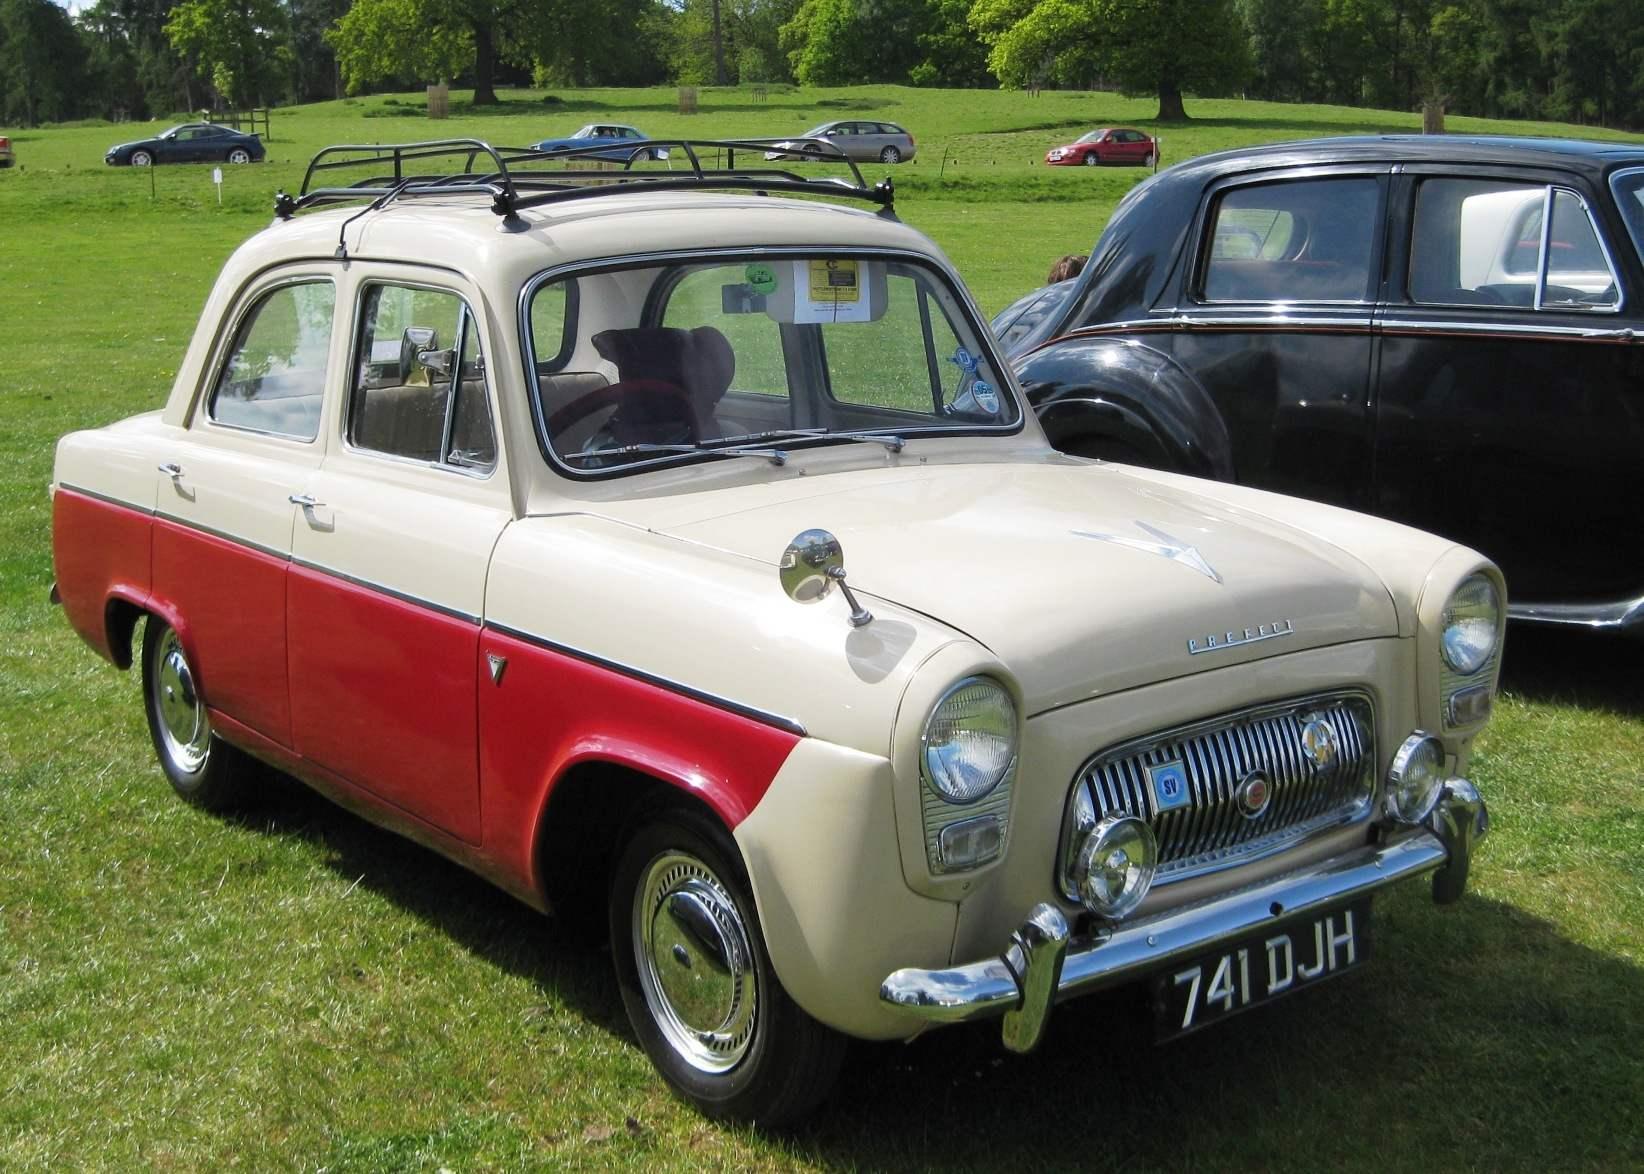 Это не МОСКВИЧ, а FORD PREFECT— автомобиль английского филиала фирмы Ford